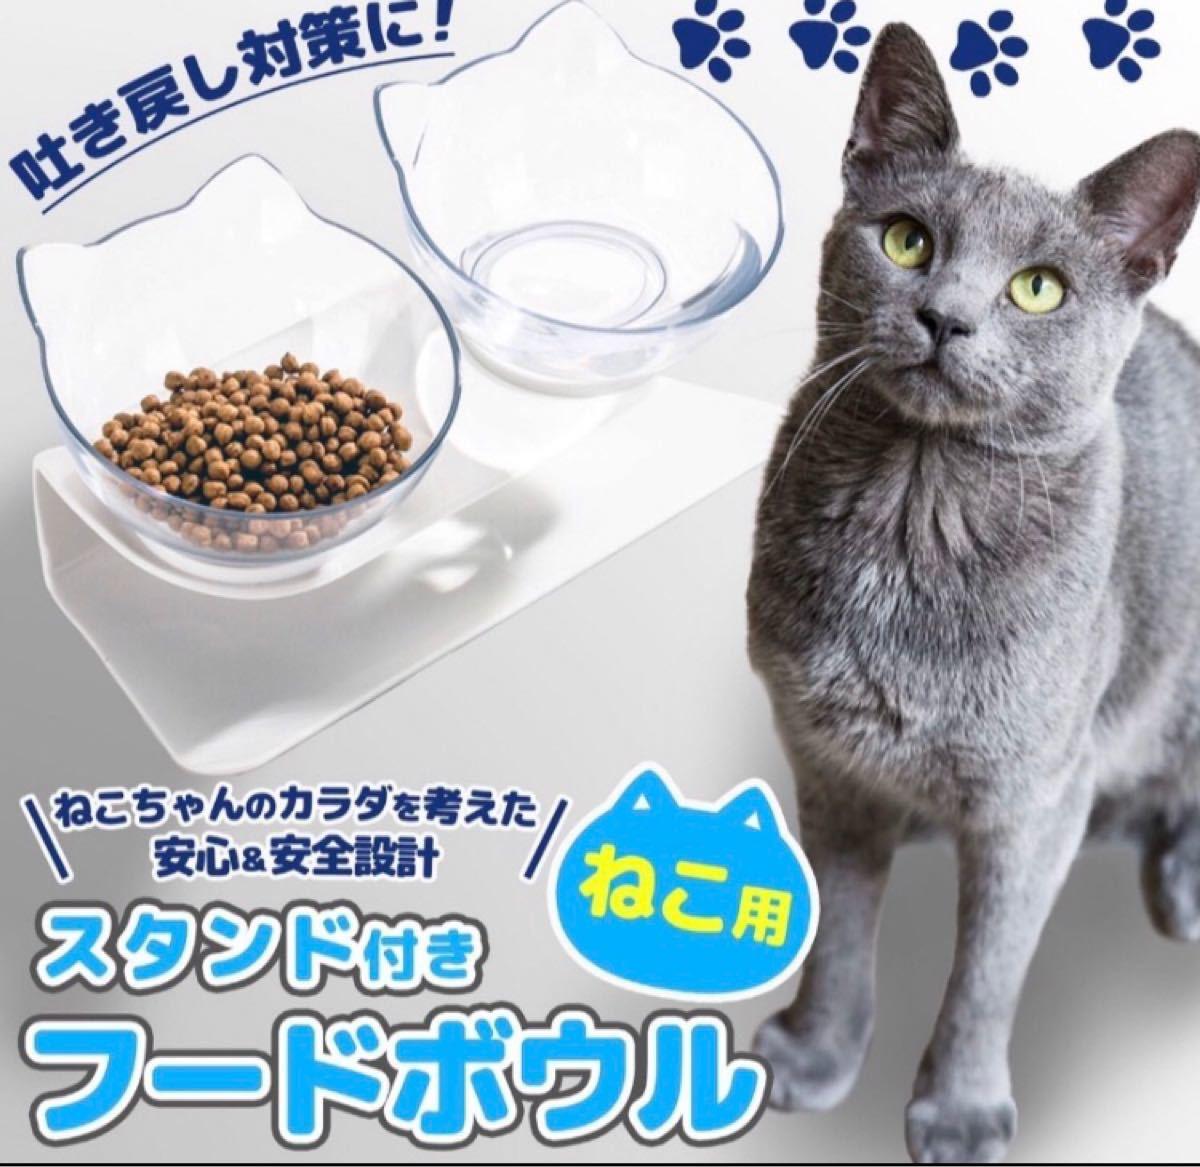 猫餌入れ 犬 フードボウル 餌入れ 猫 ペット 動物 透明 ペット餌入れ フード 餌 可愛い